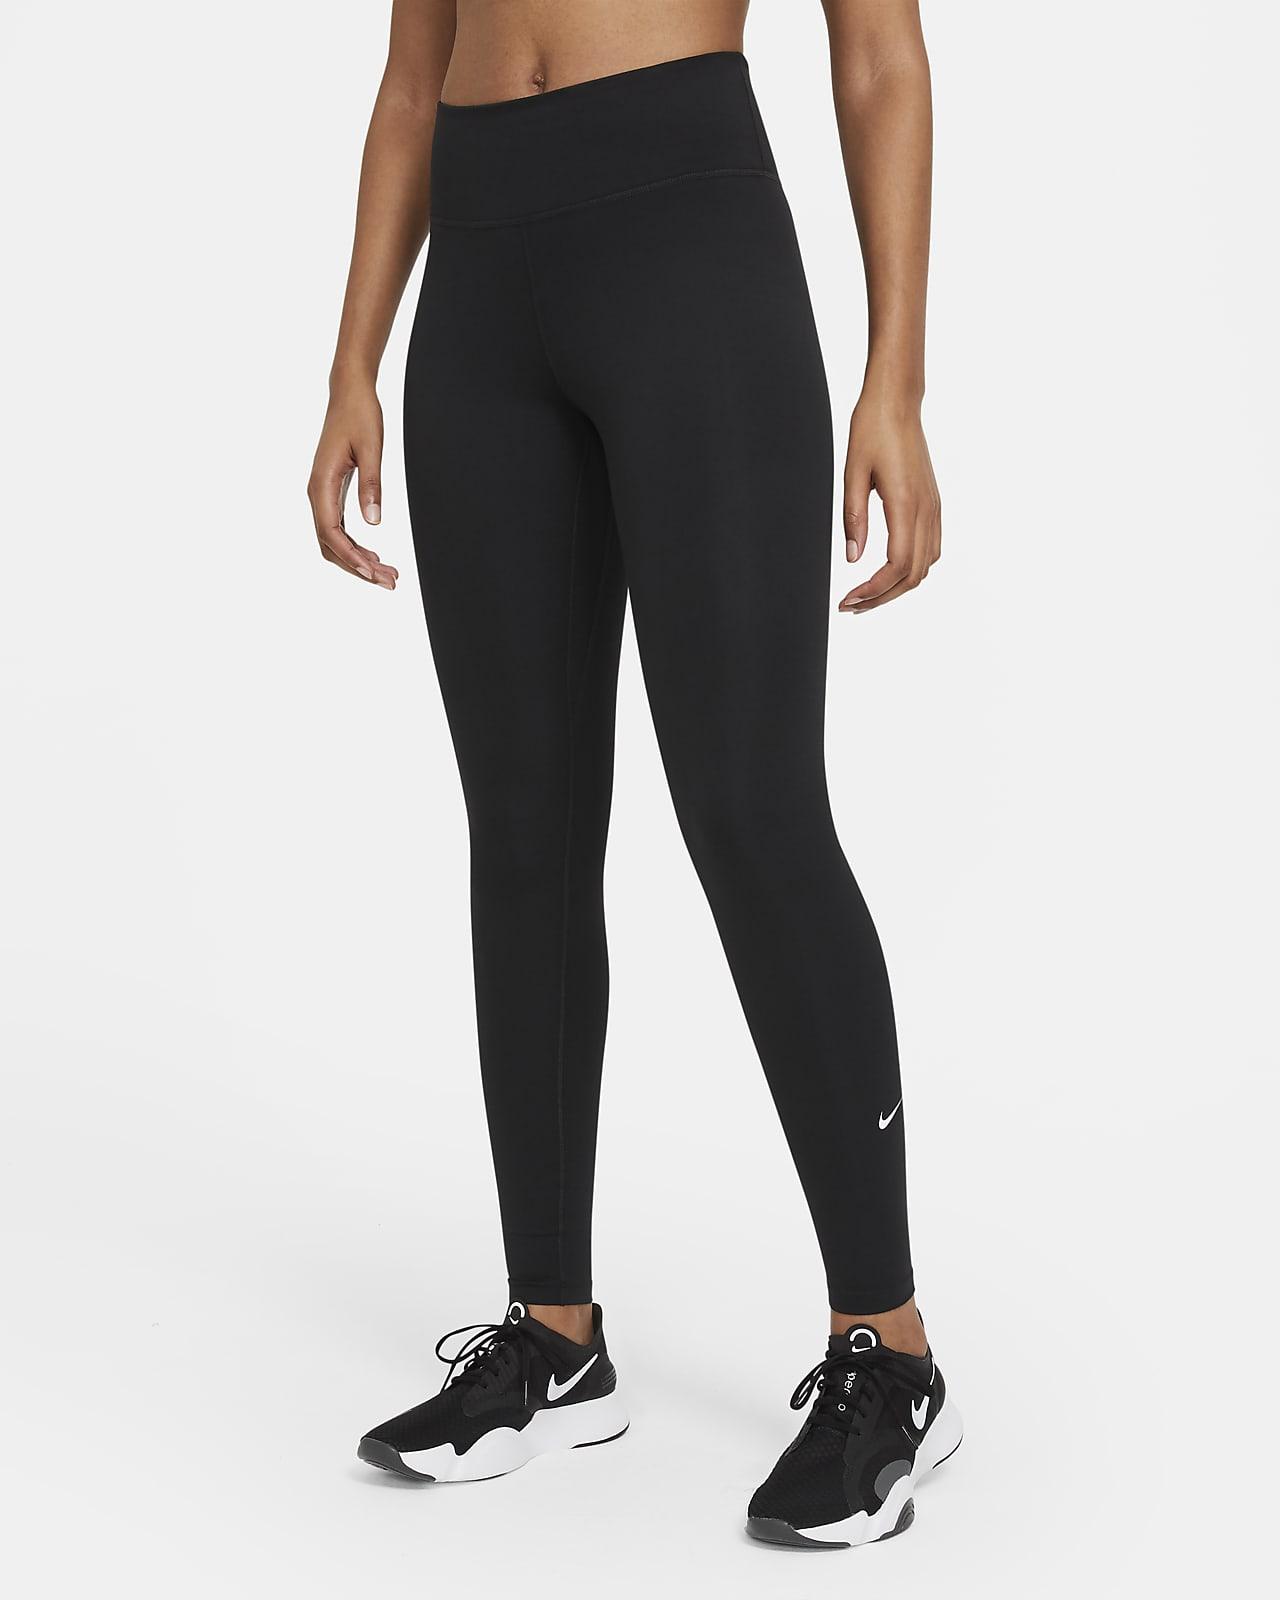 Leggings de cintura normal Nike Dri-FIT One para mulher